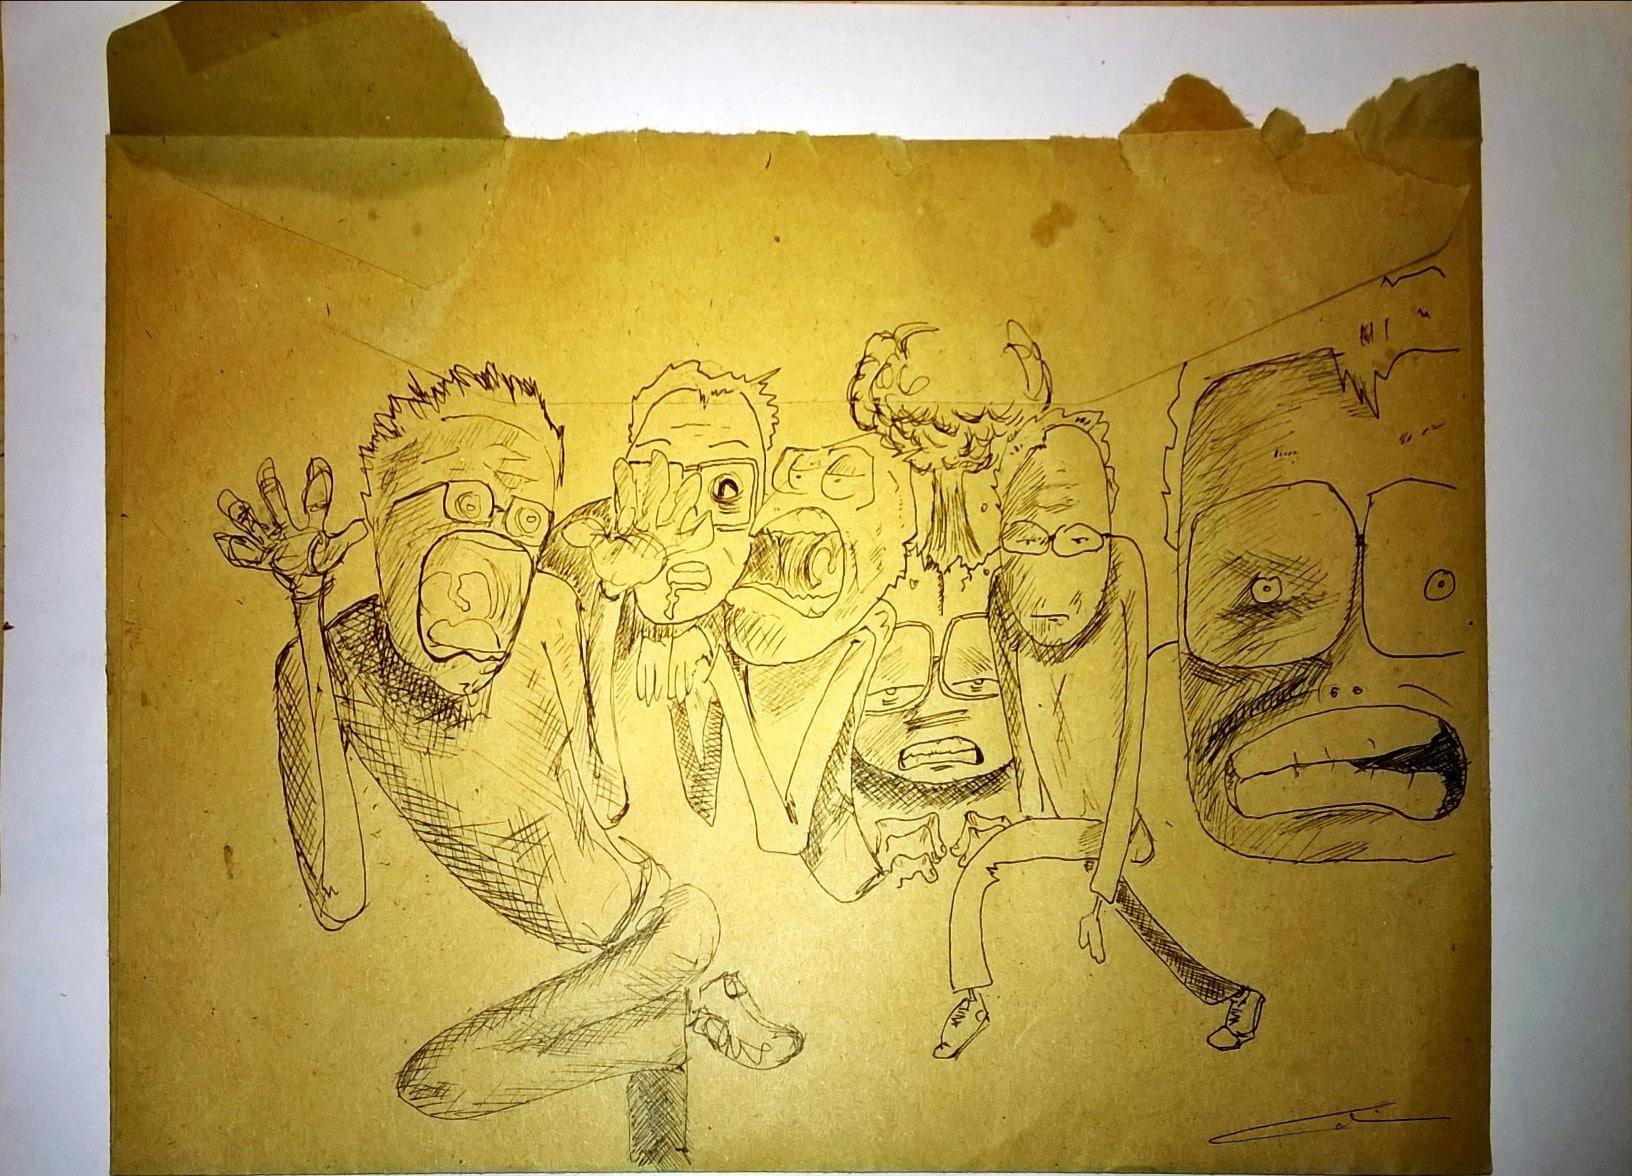 Colin-Gribouille-l'Actu-Petits-dessins-avant-de-partir-01